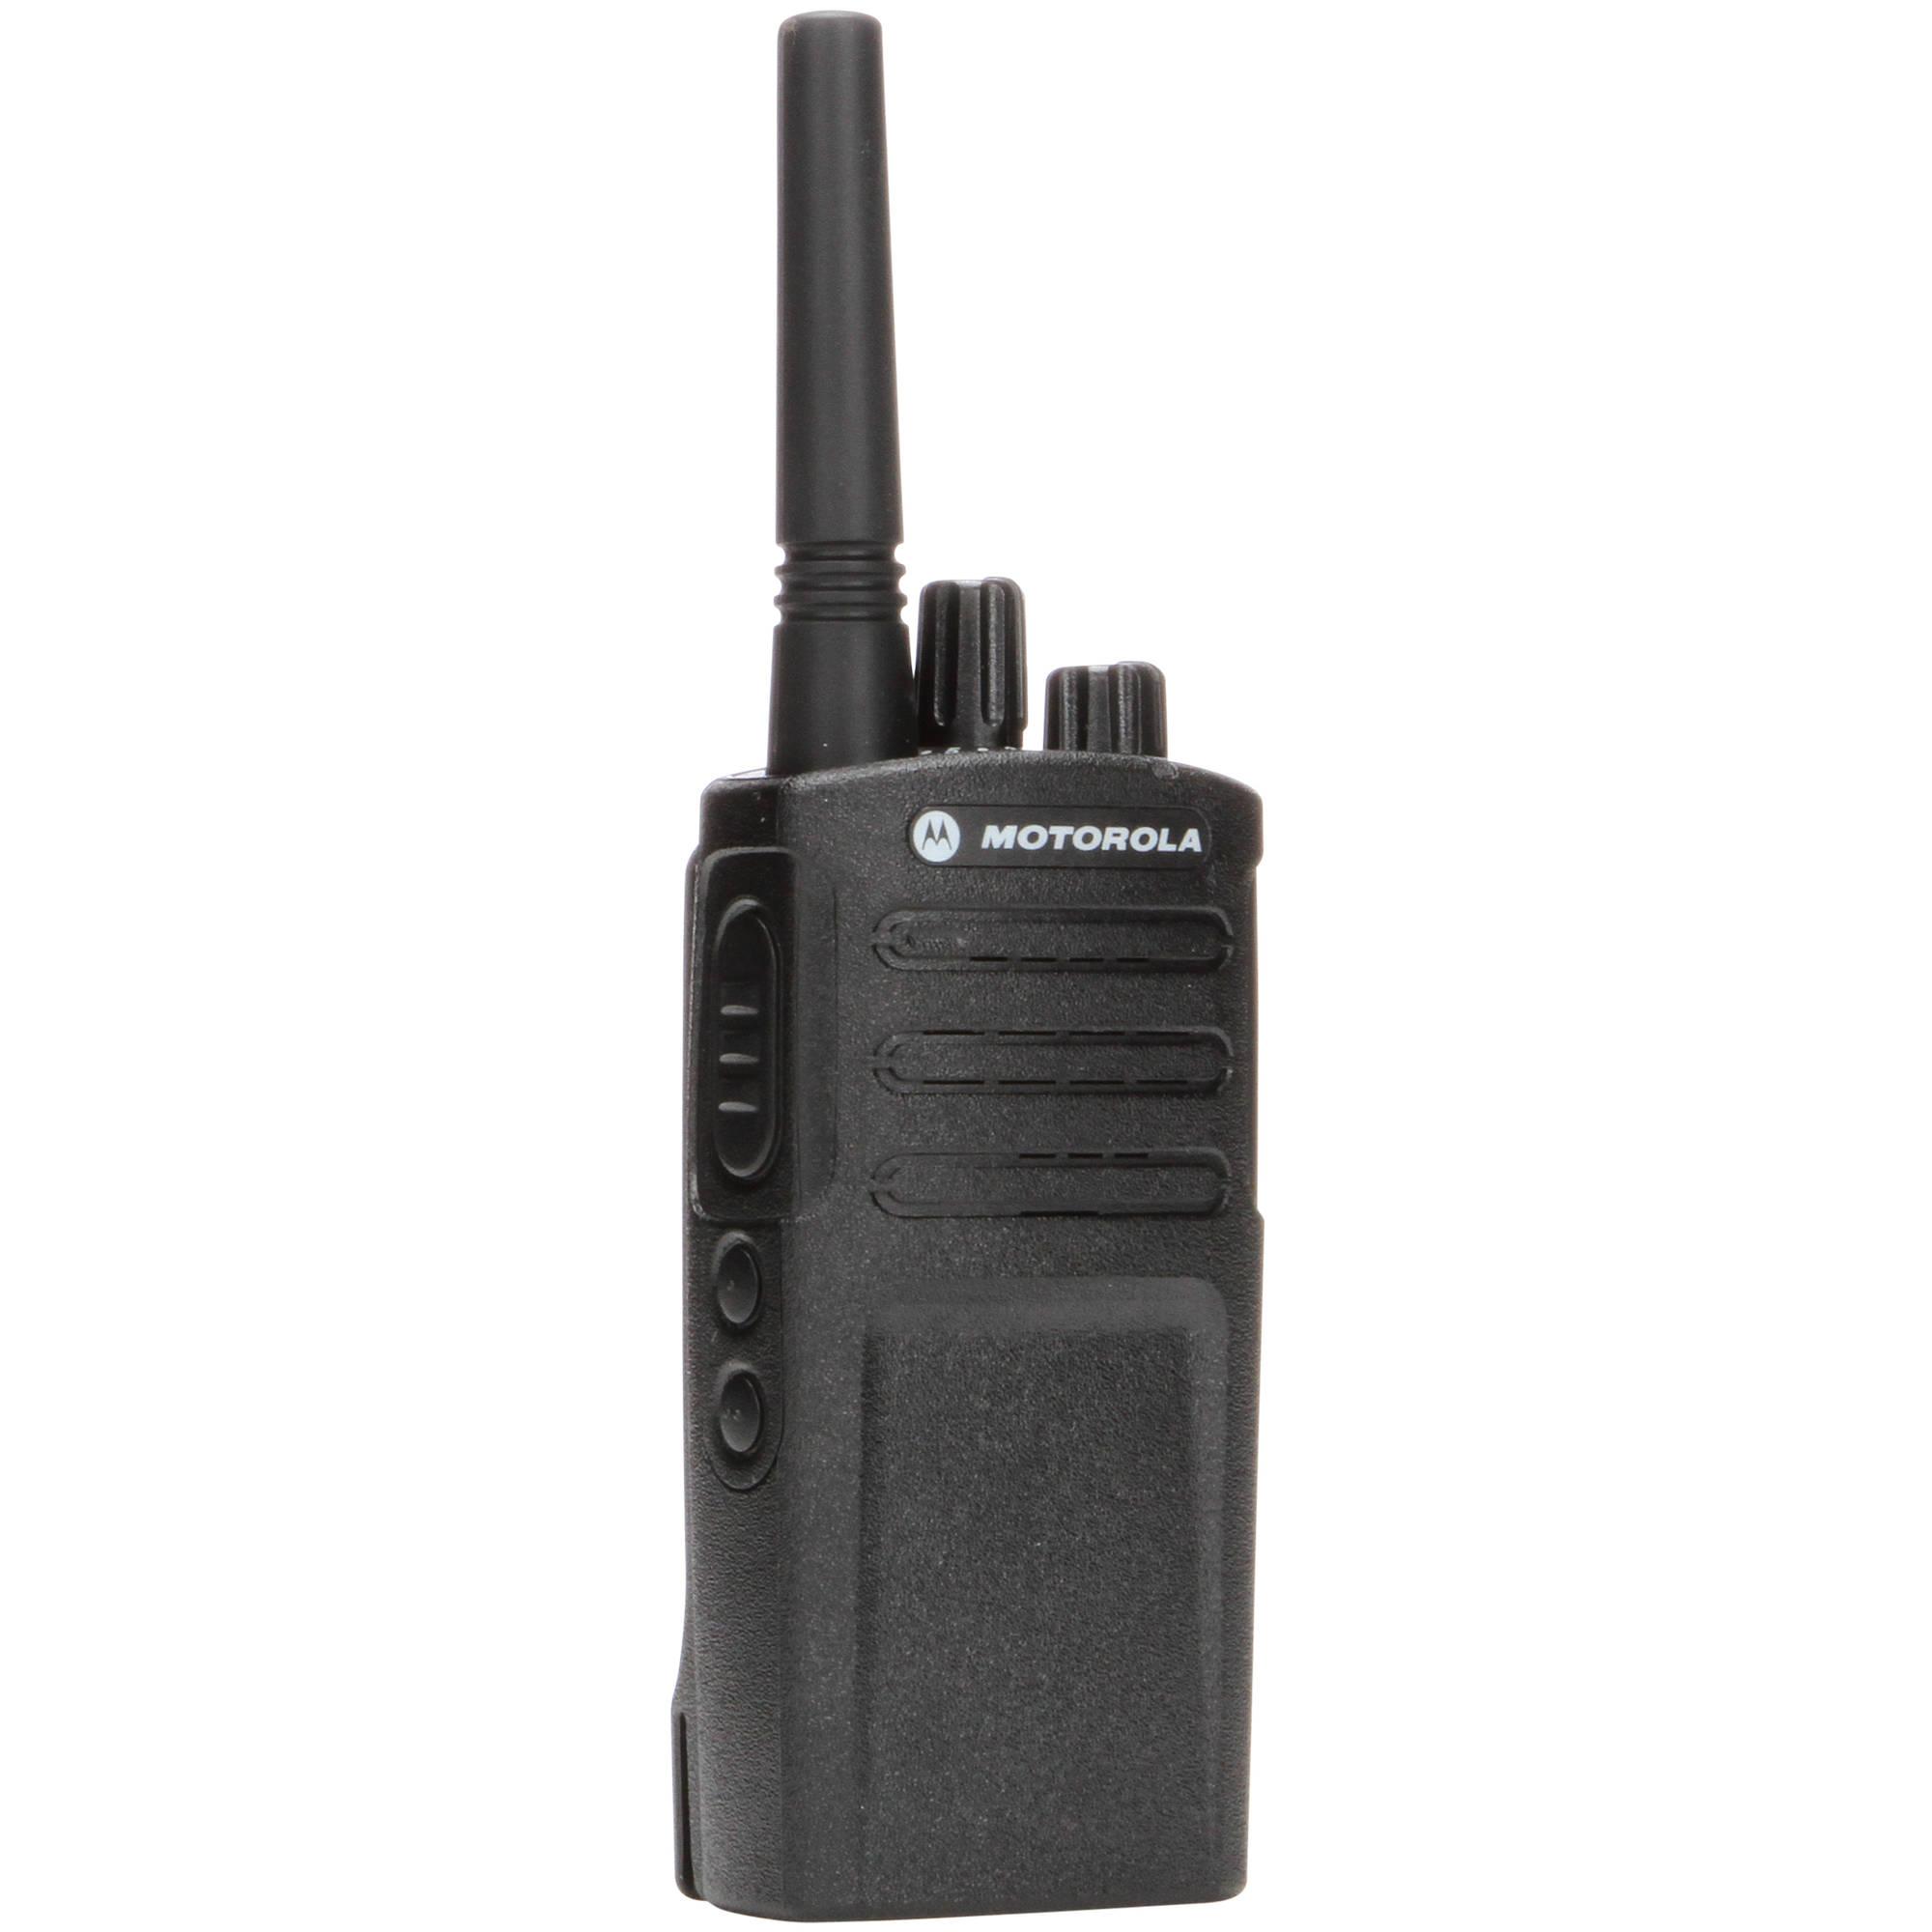 Motorola RMV2080 On-Site 2-Way Business Radio (Single)